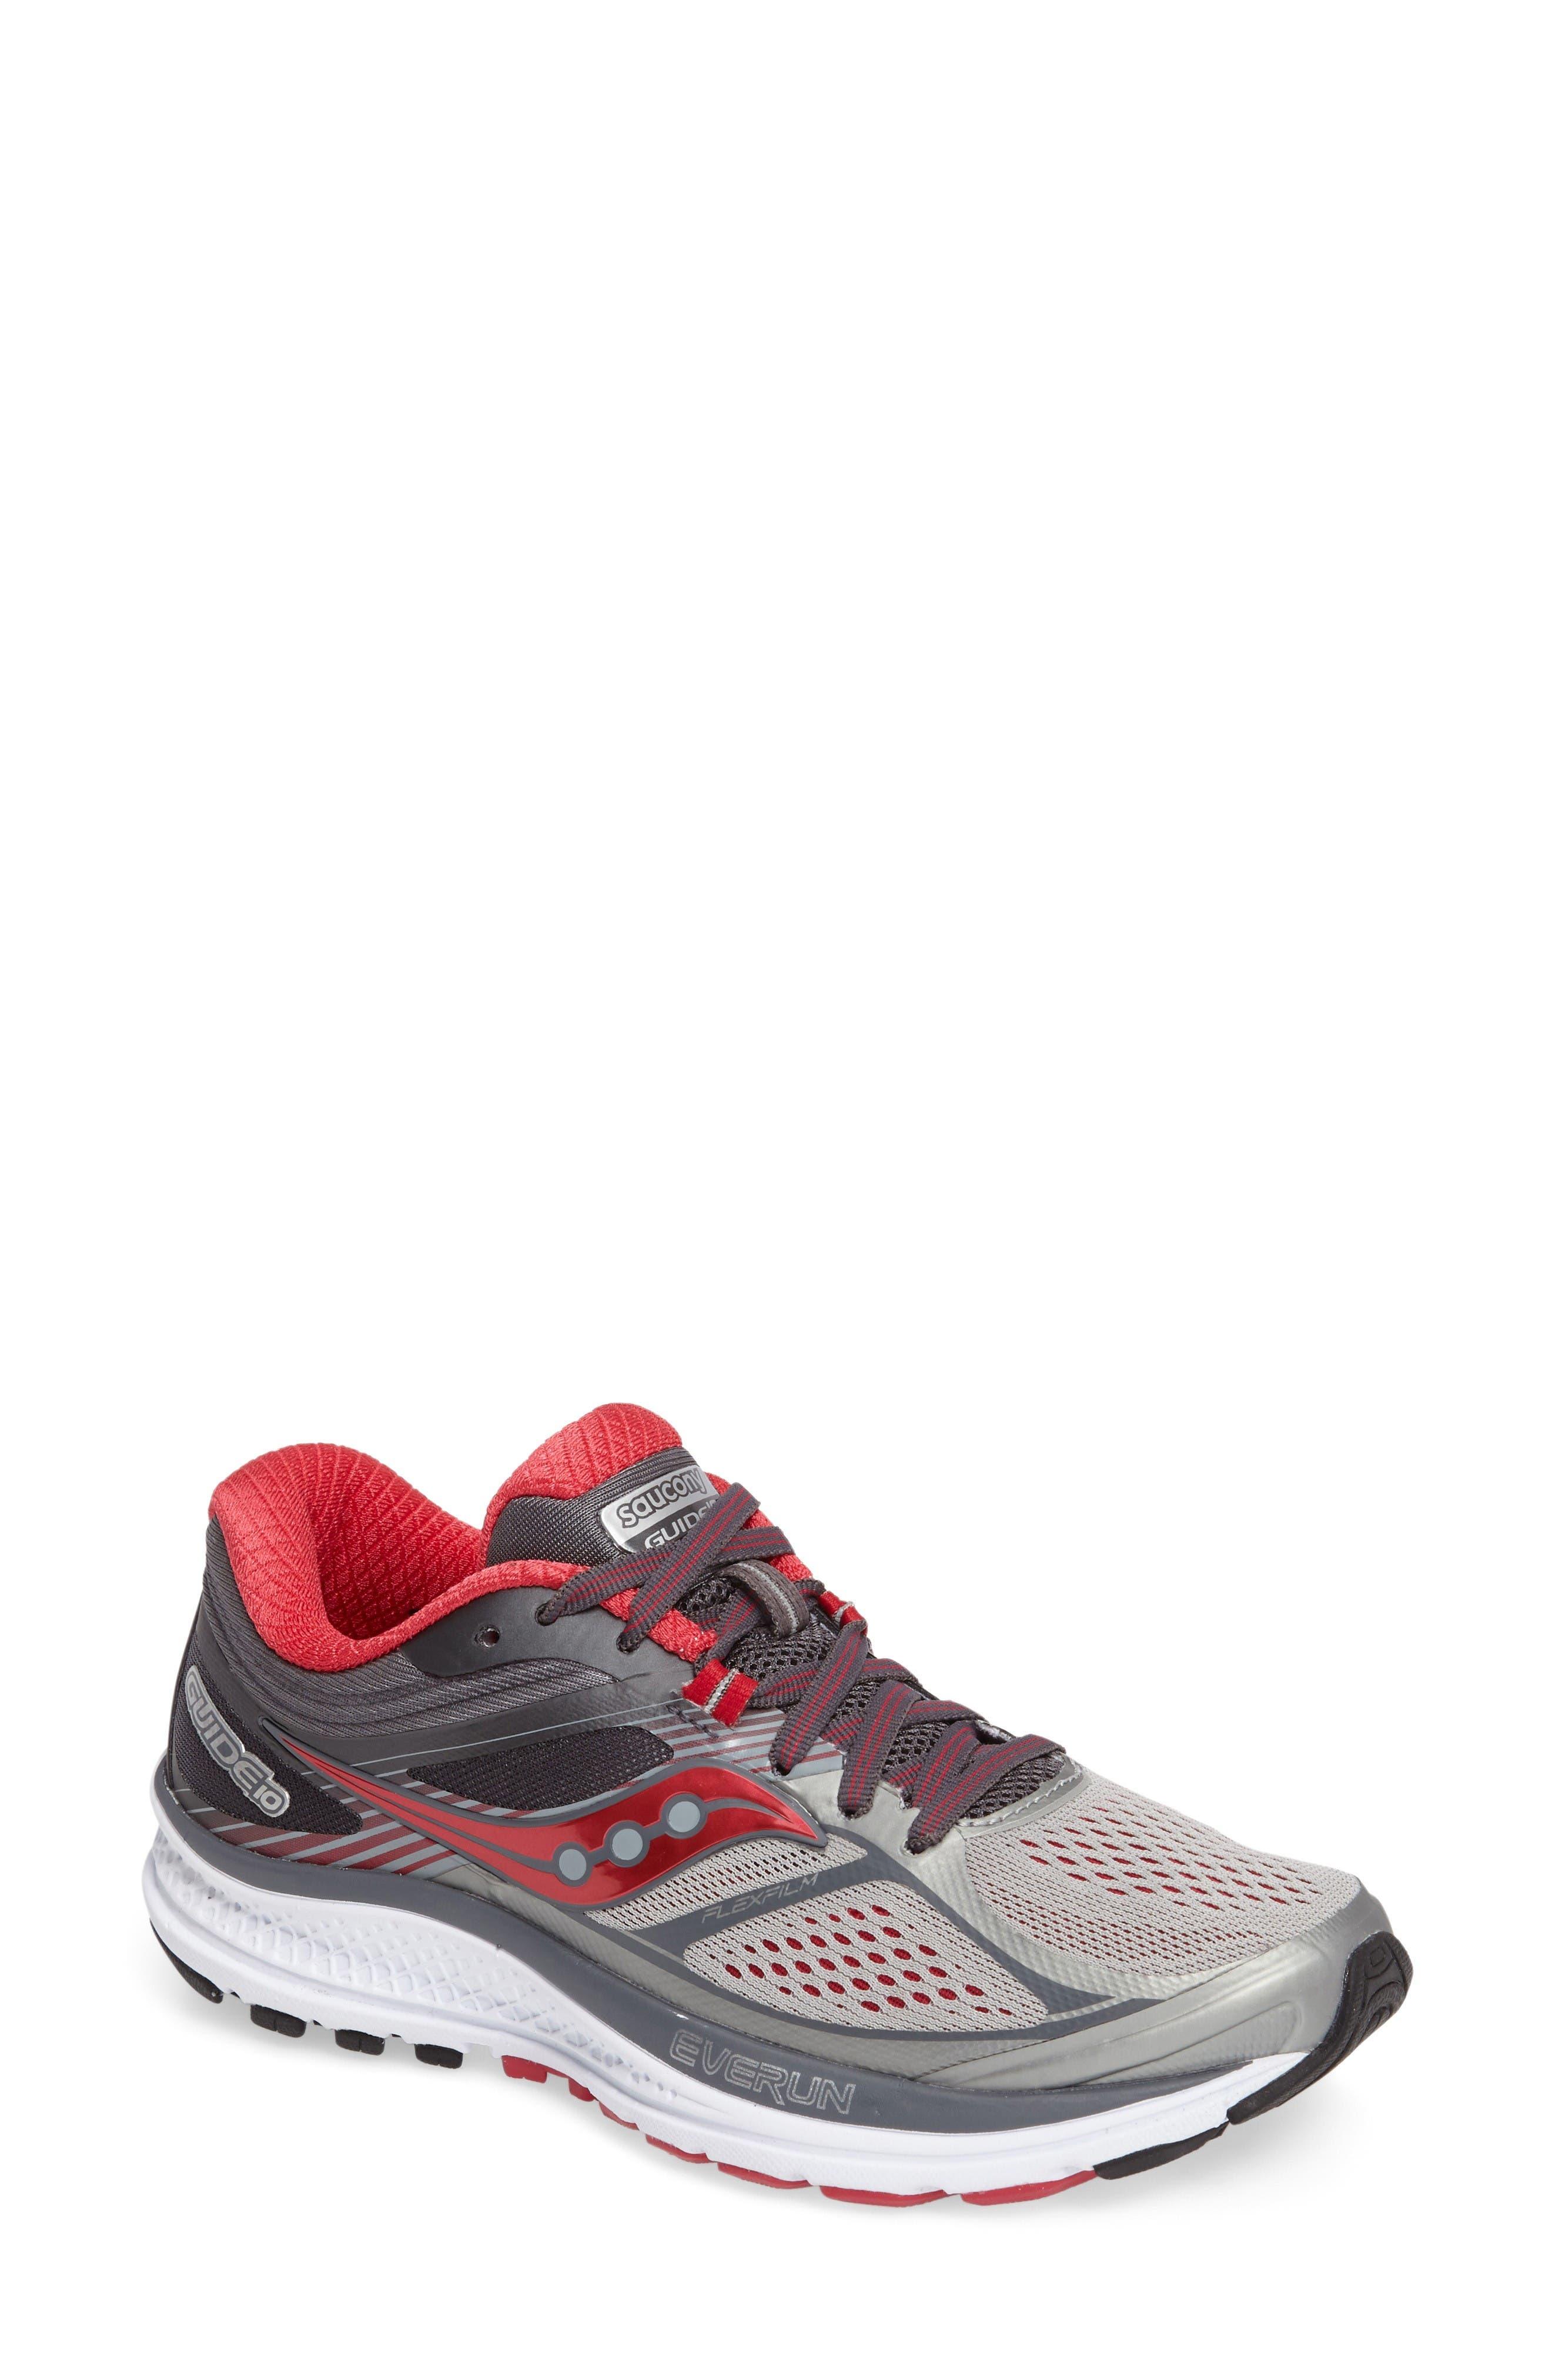 Main Image - Saucony Guide 10 Running Shoe (Women)